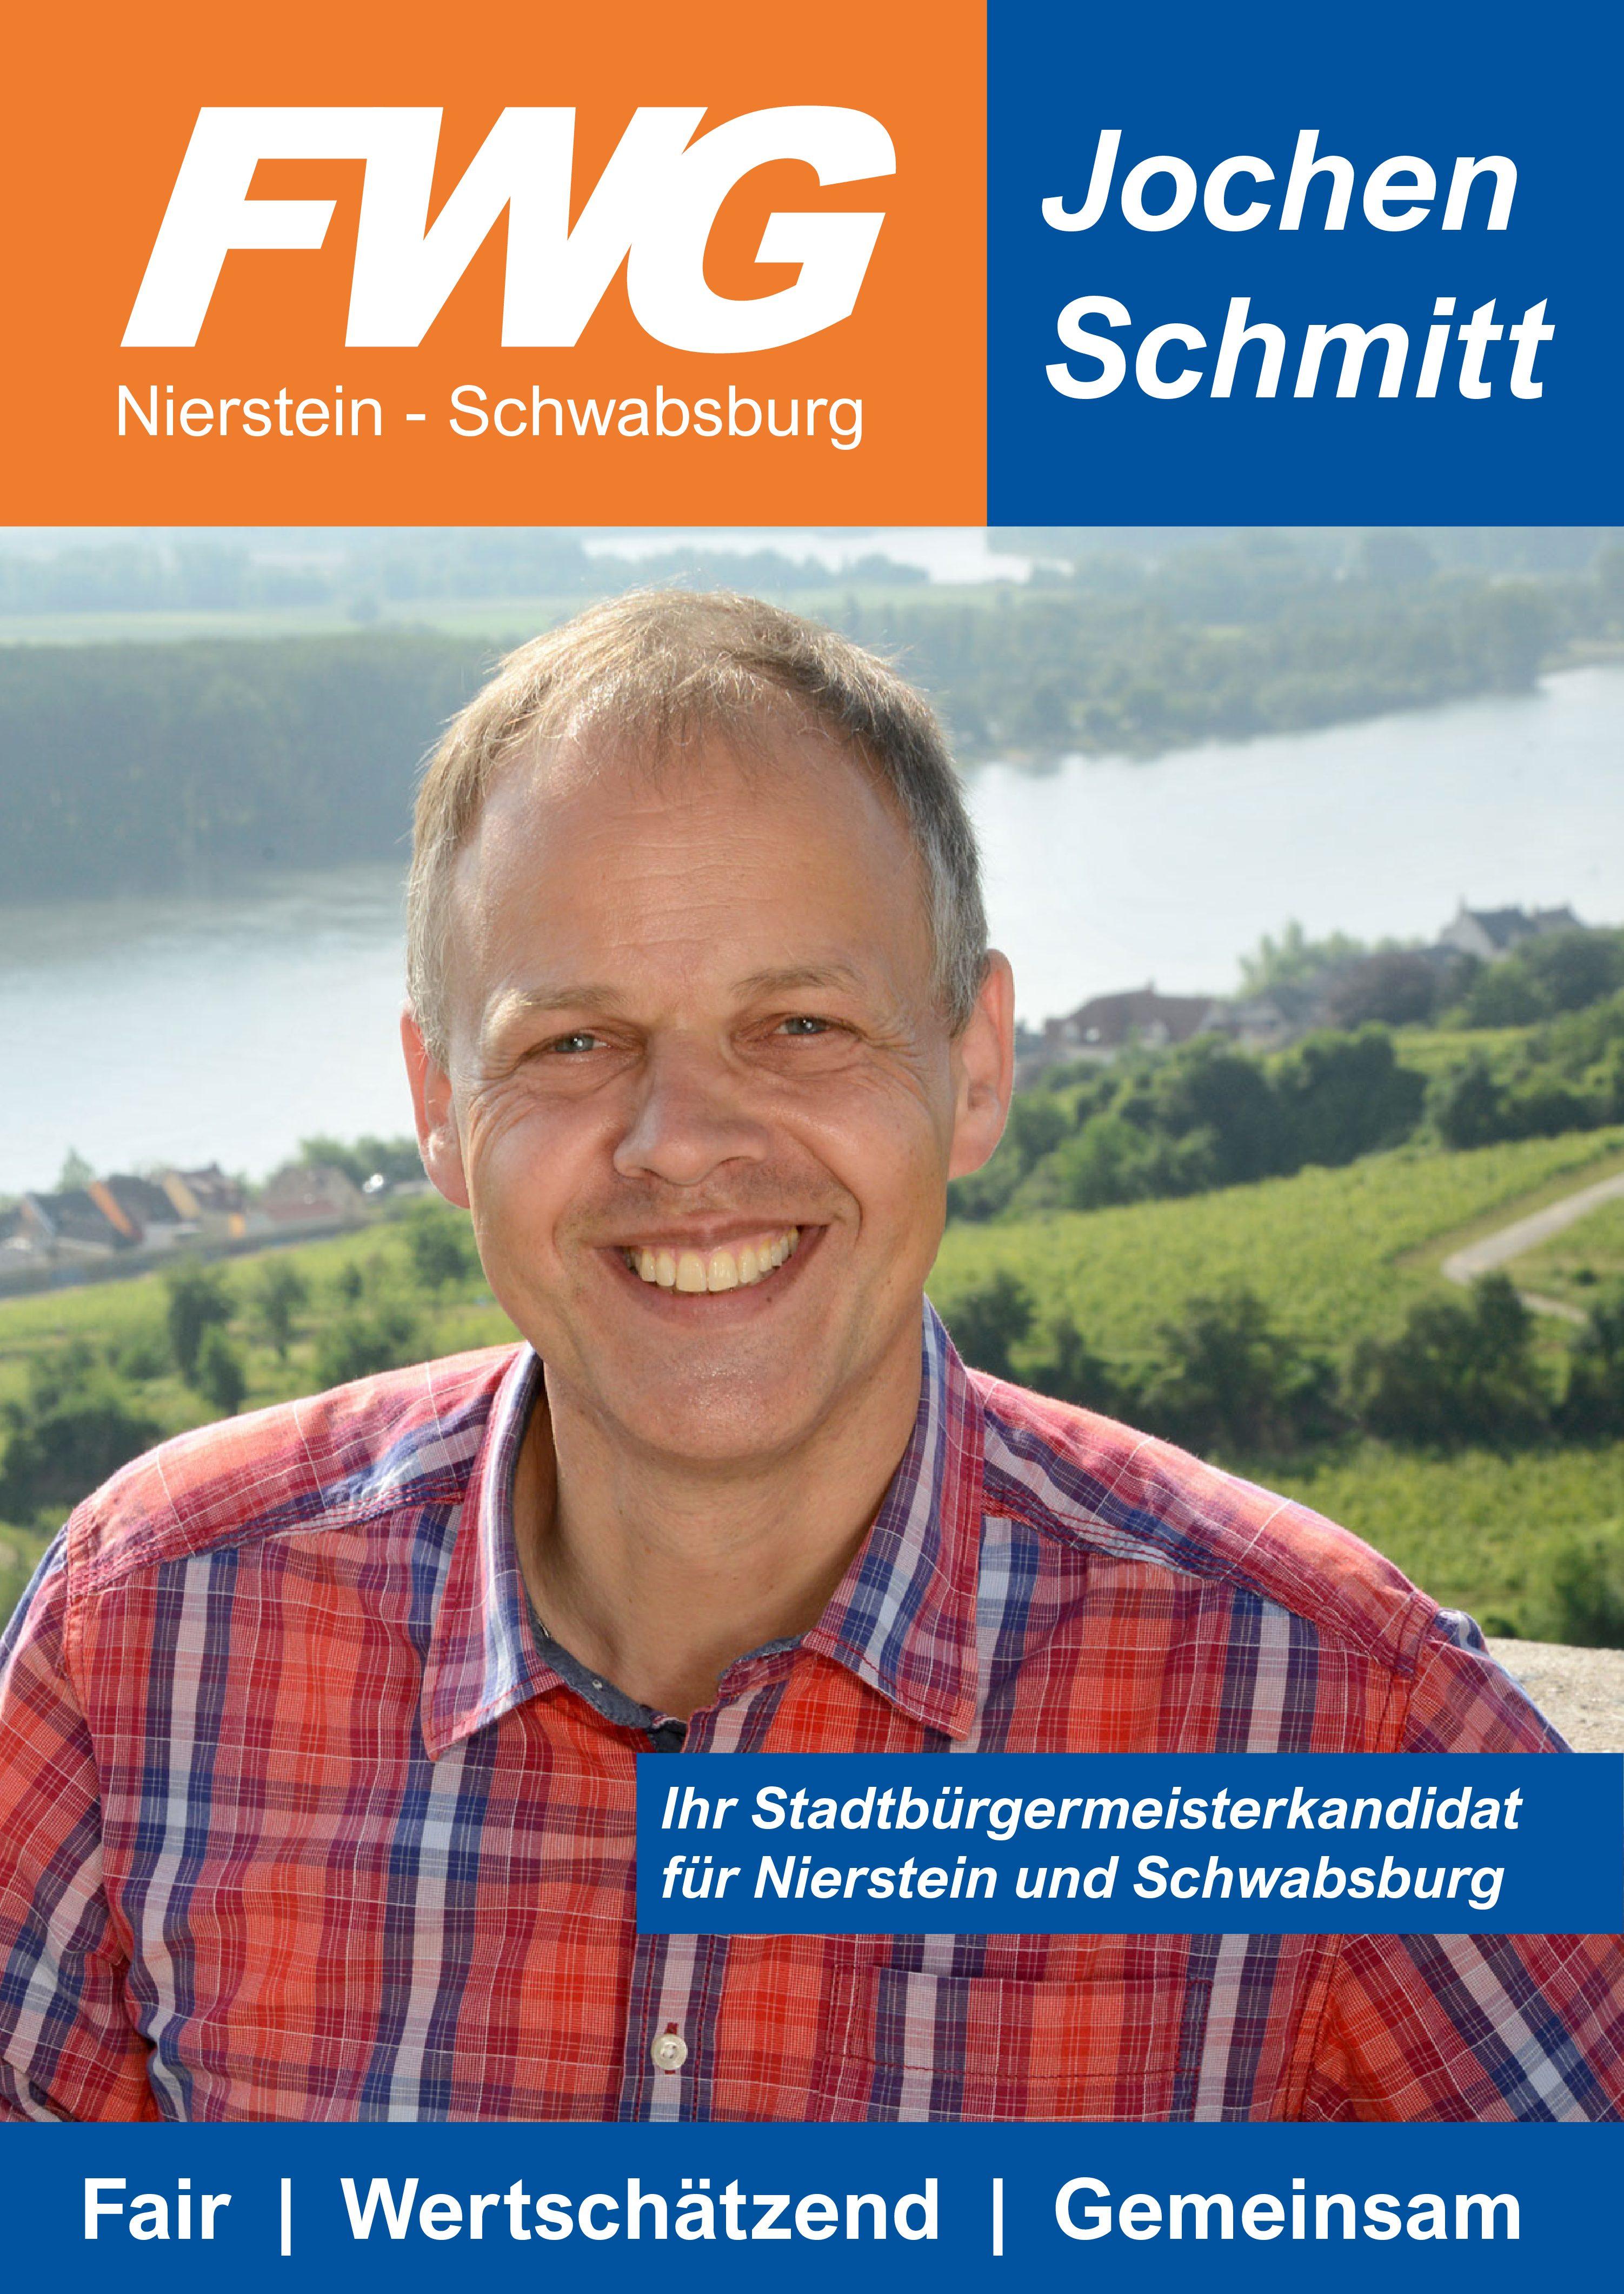 Jochen Schmitt – Unser Bürgermeisterkandidat